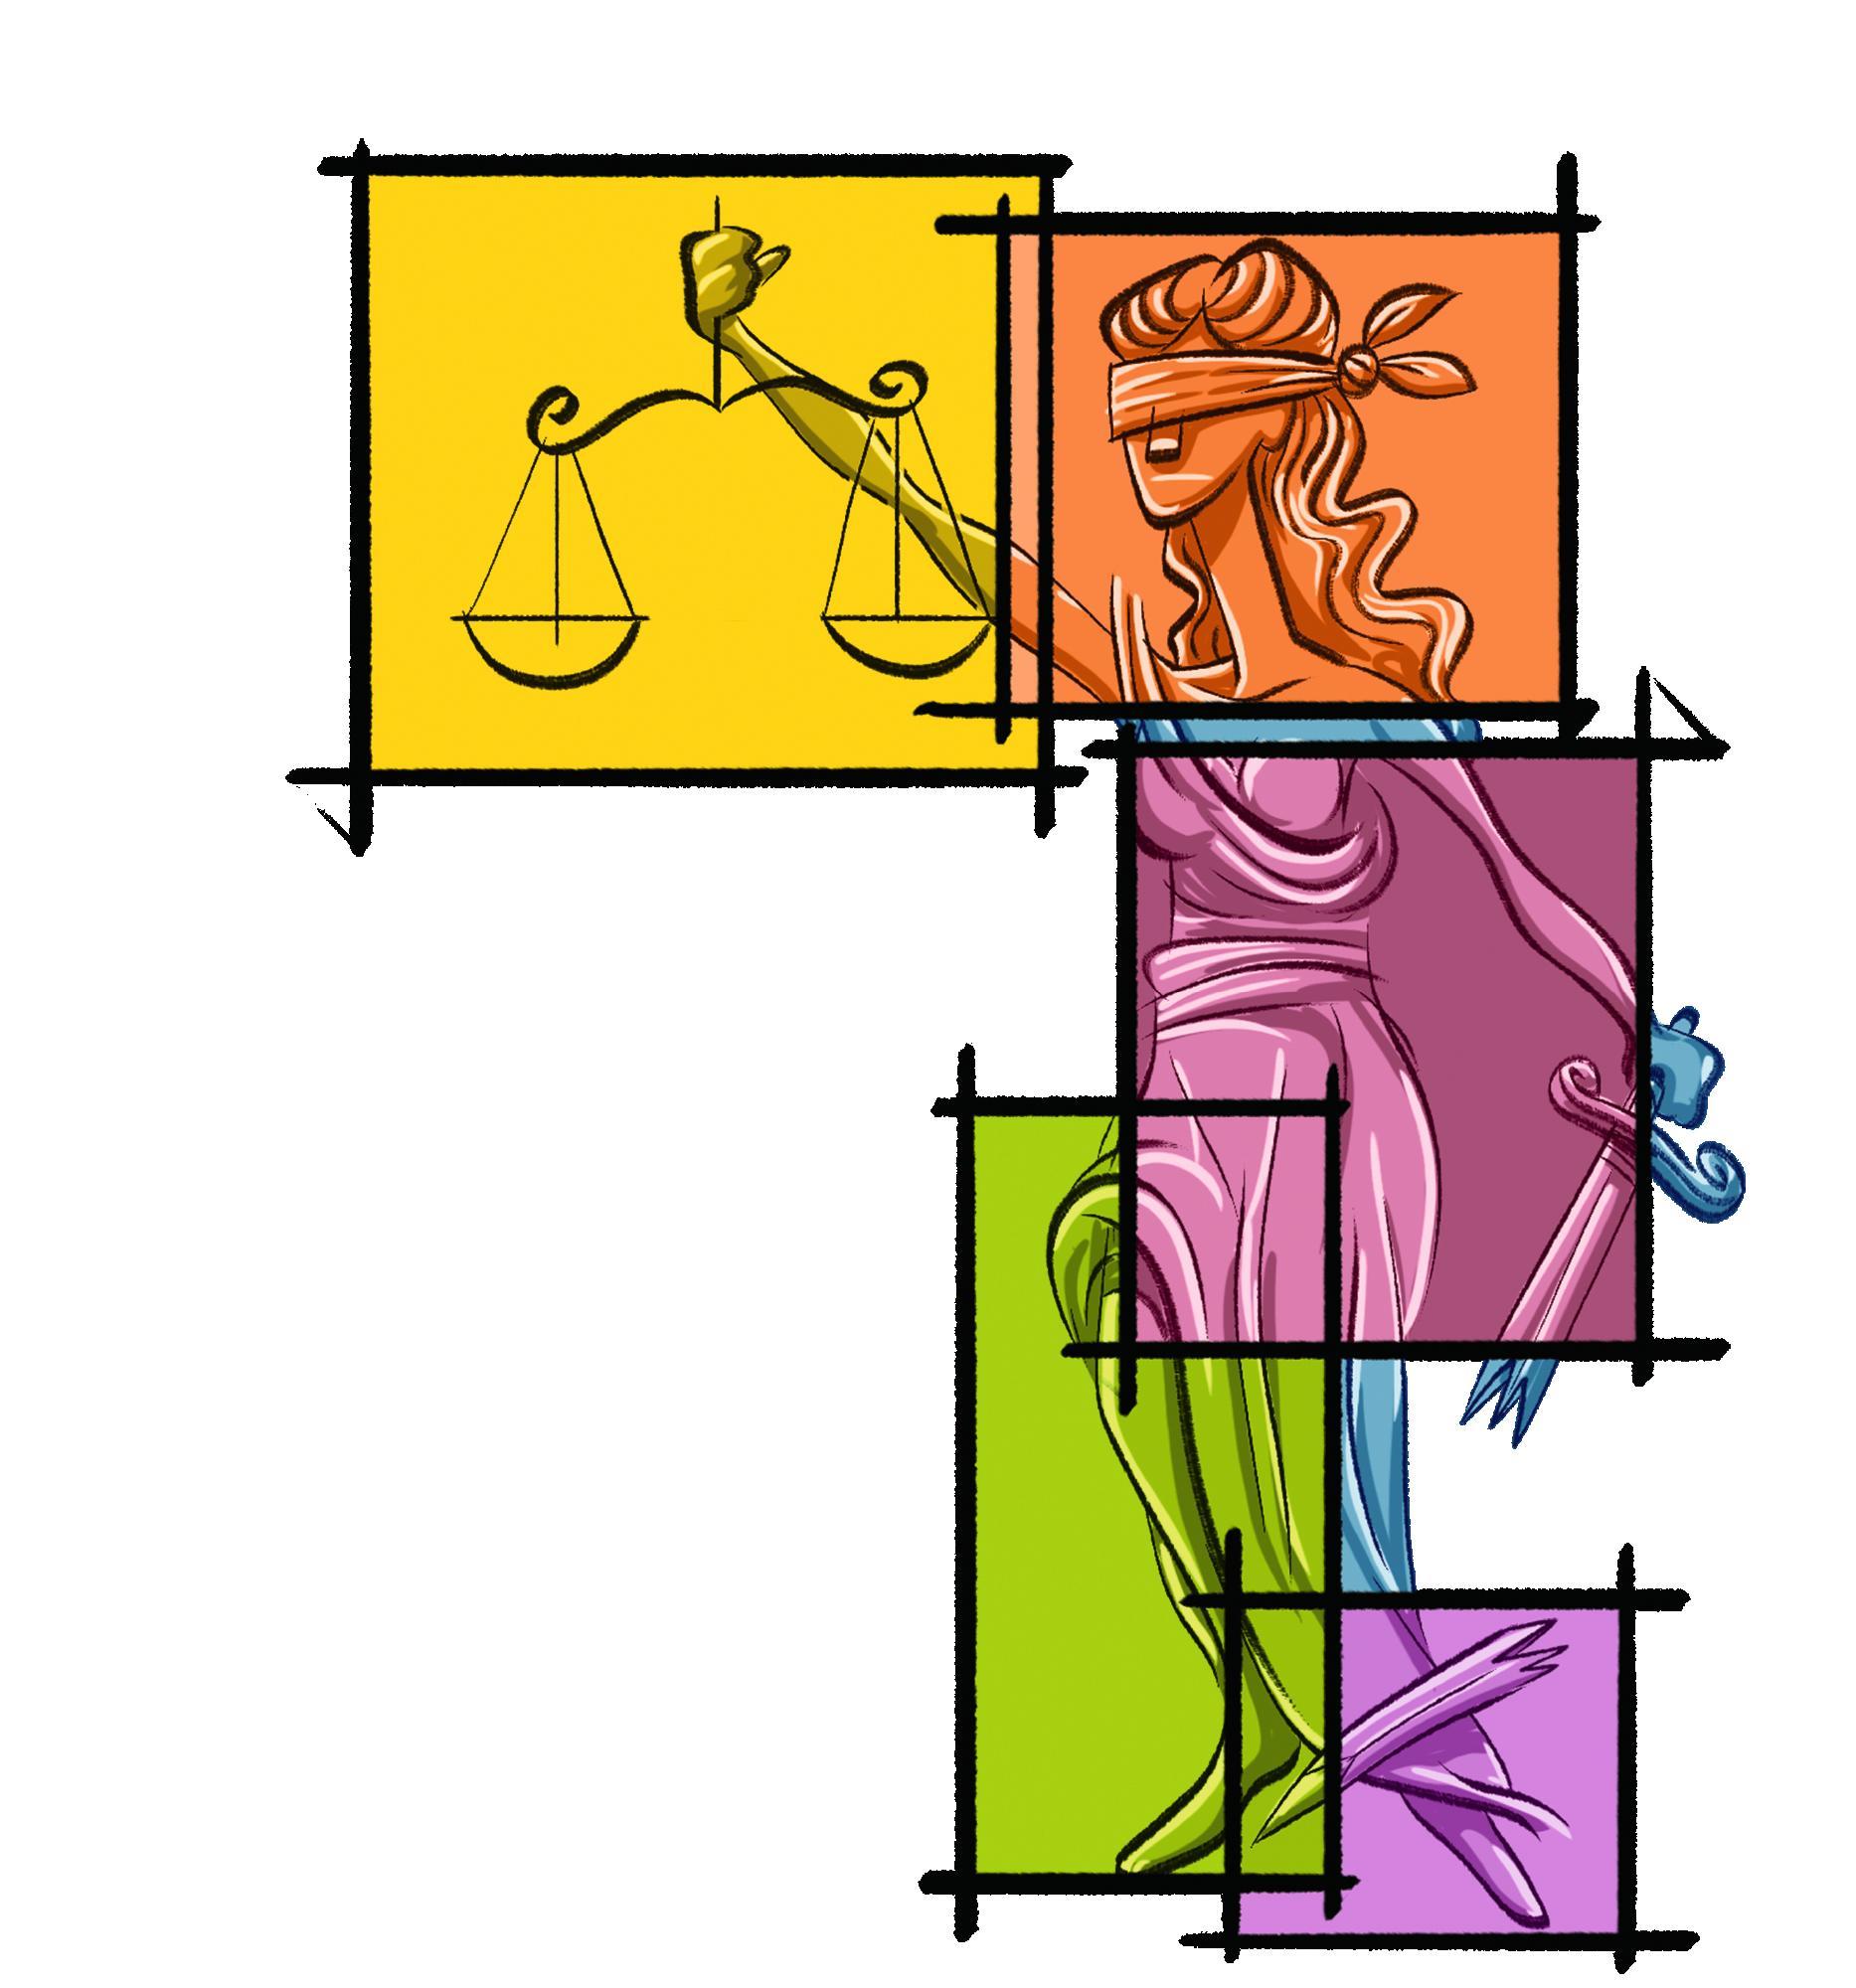 Cortes ¿el principal riesgo de la reforma a la justicia?